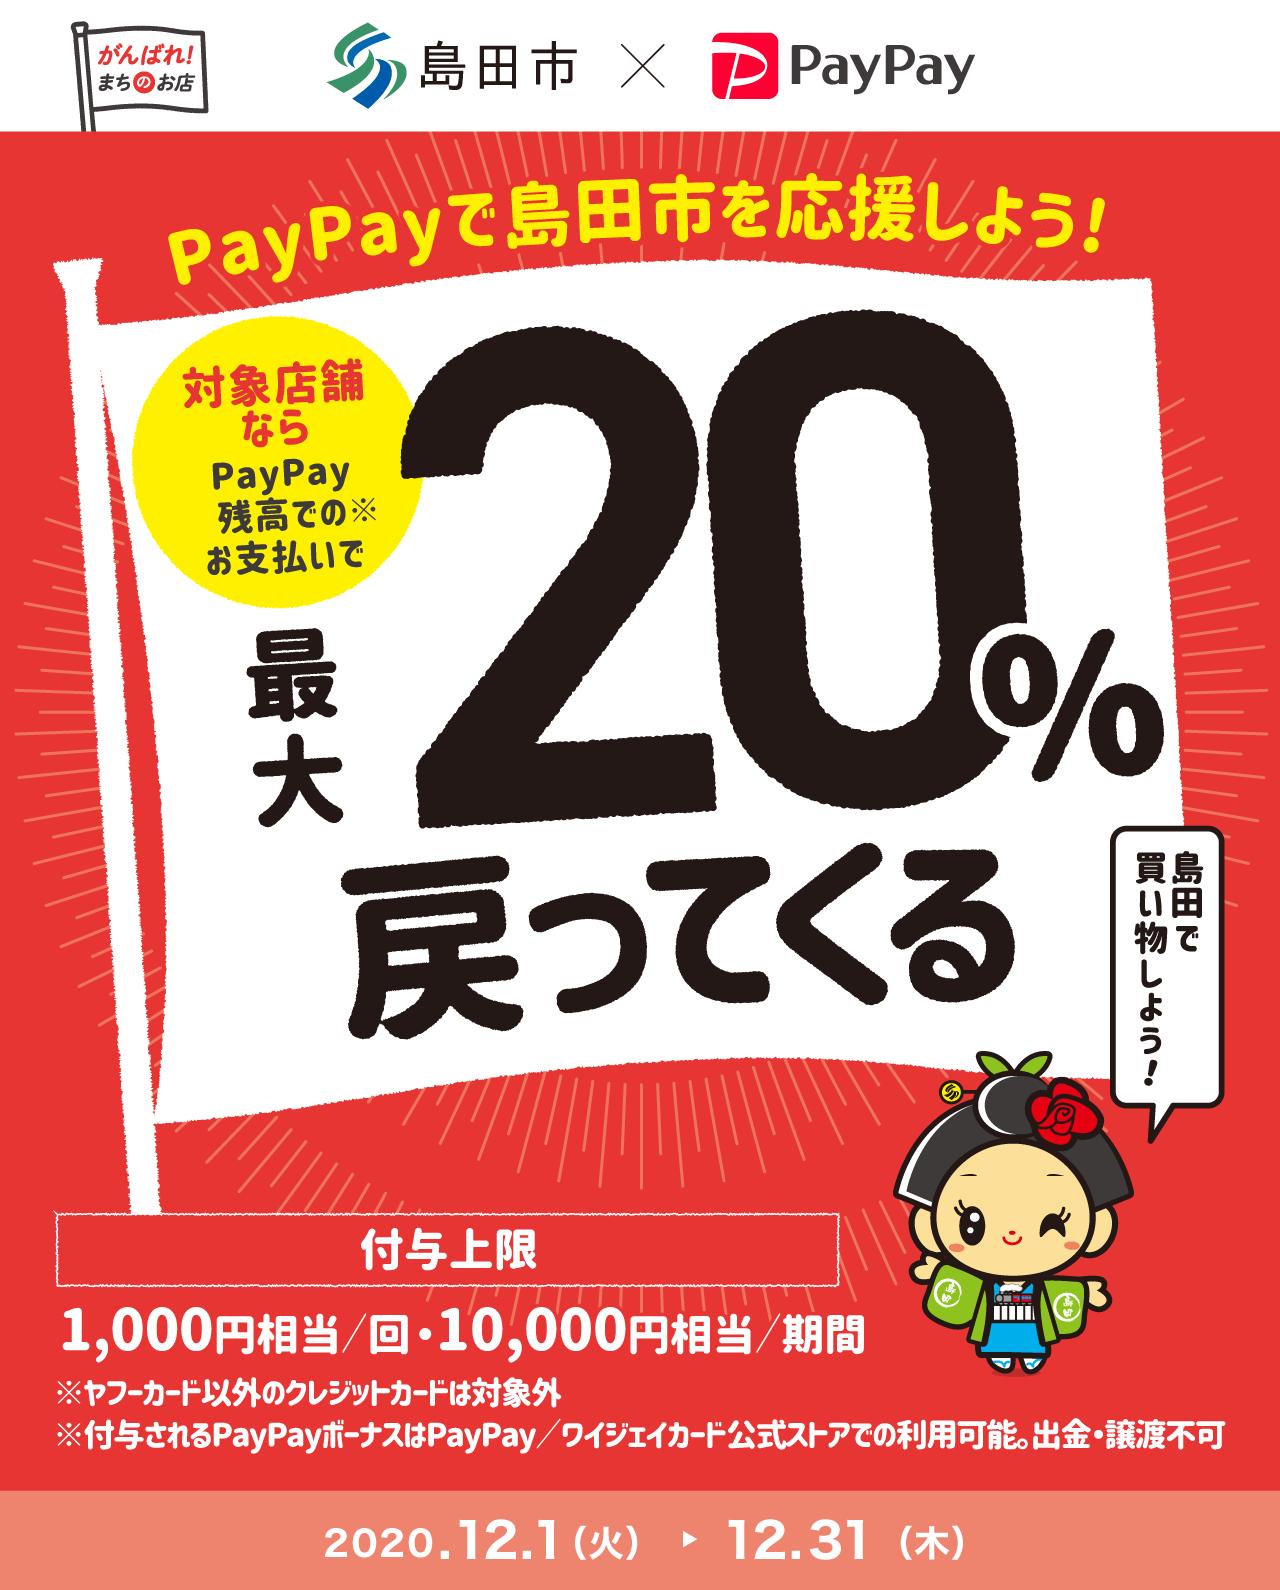 PayPayで島田市を応援しよう! 対象店舗ならPayPay残高でのお支払いで 最大20%戻ってくる